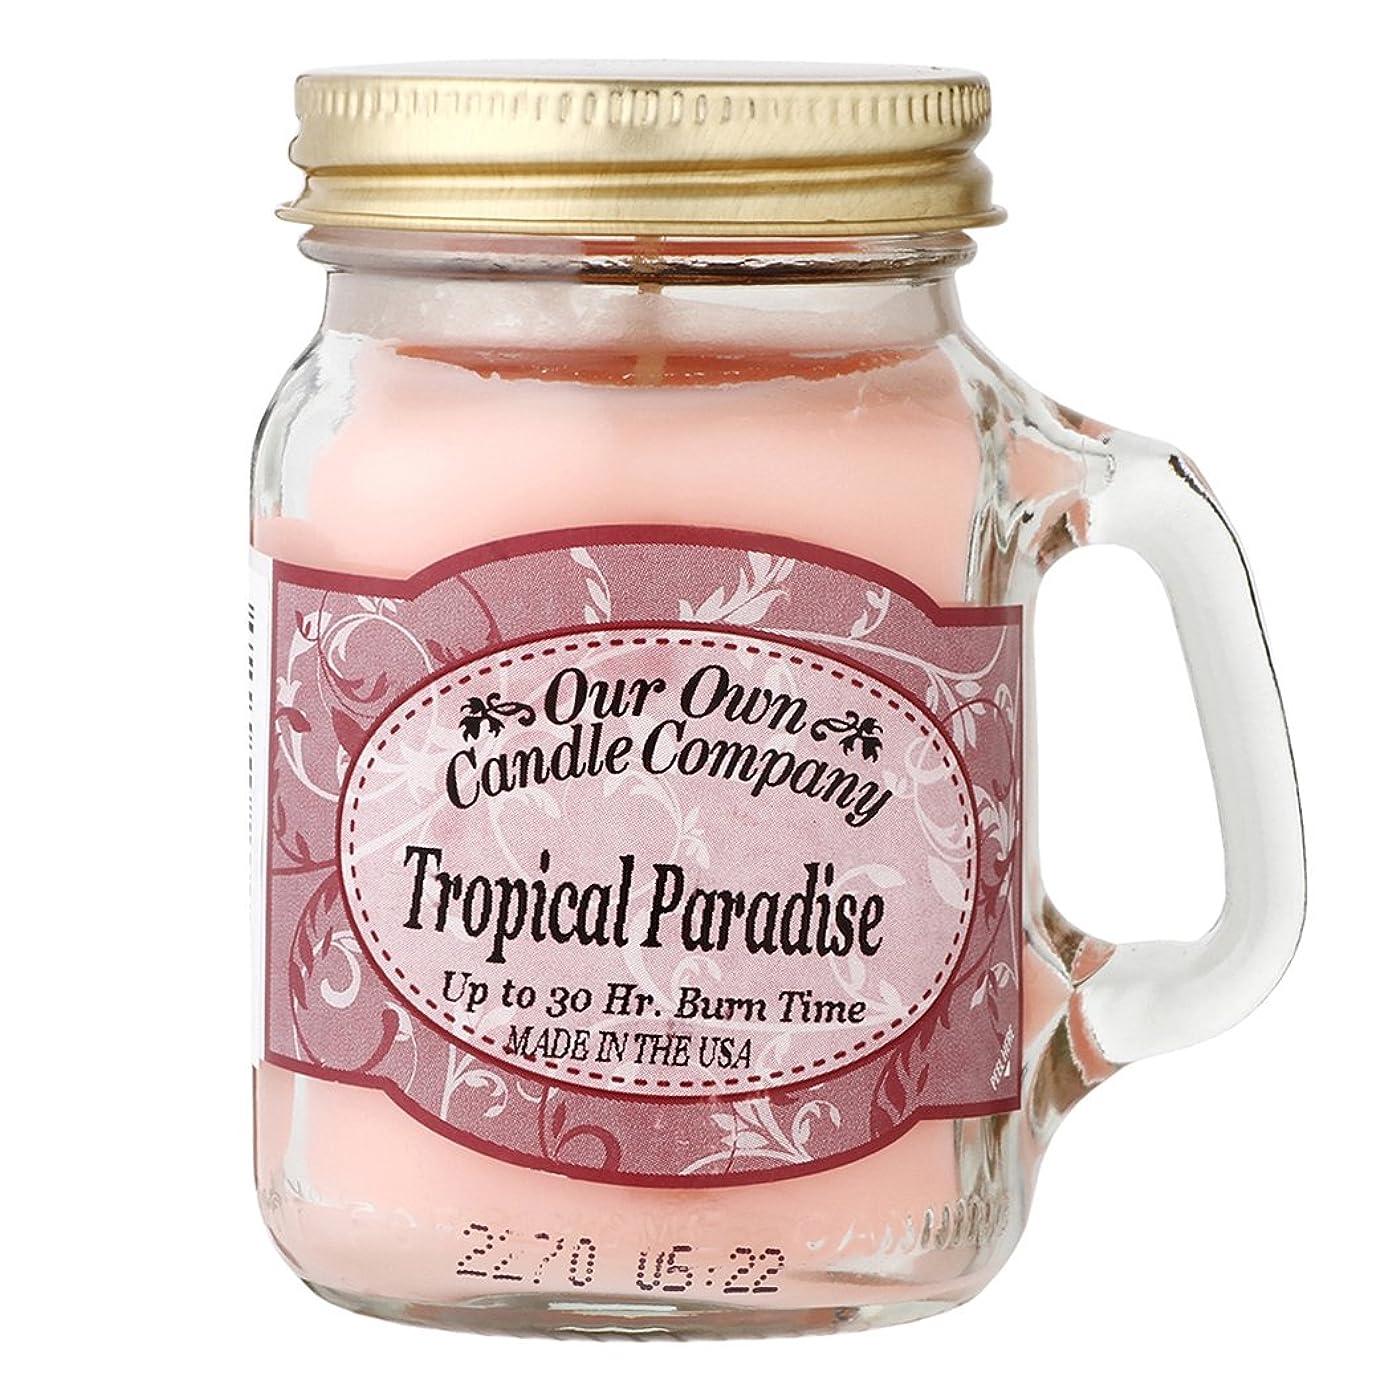 オークランドうつ廃棄するOur Own Candle Company メイソンジャーキャンドル ミニサイズ トロピカルパラダイス OU200120